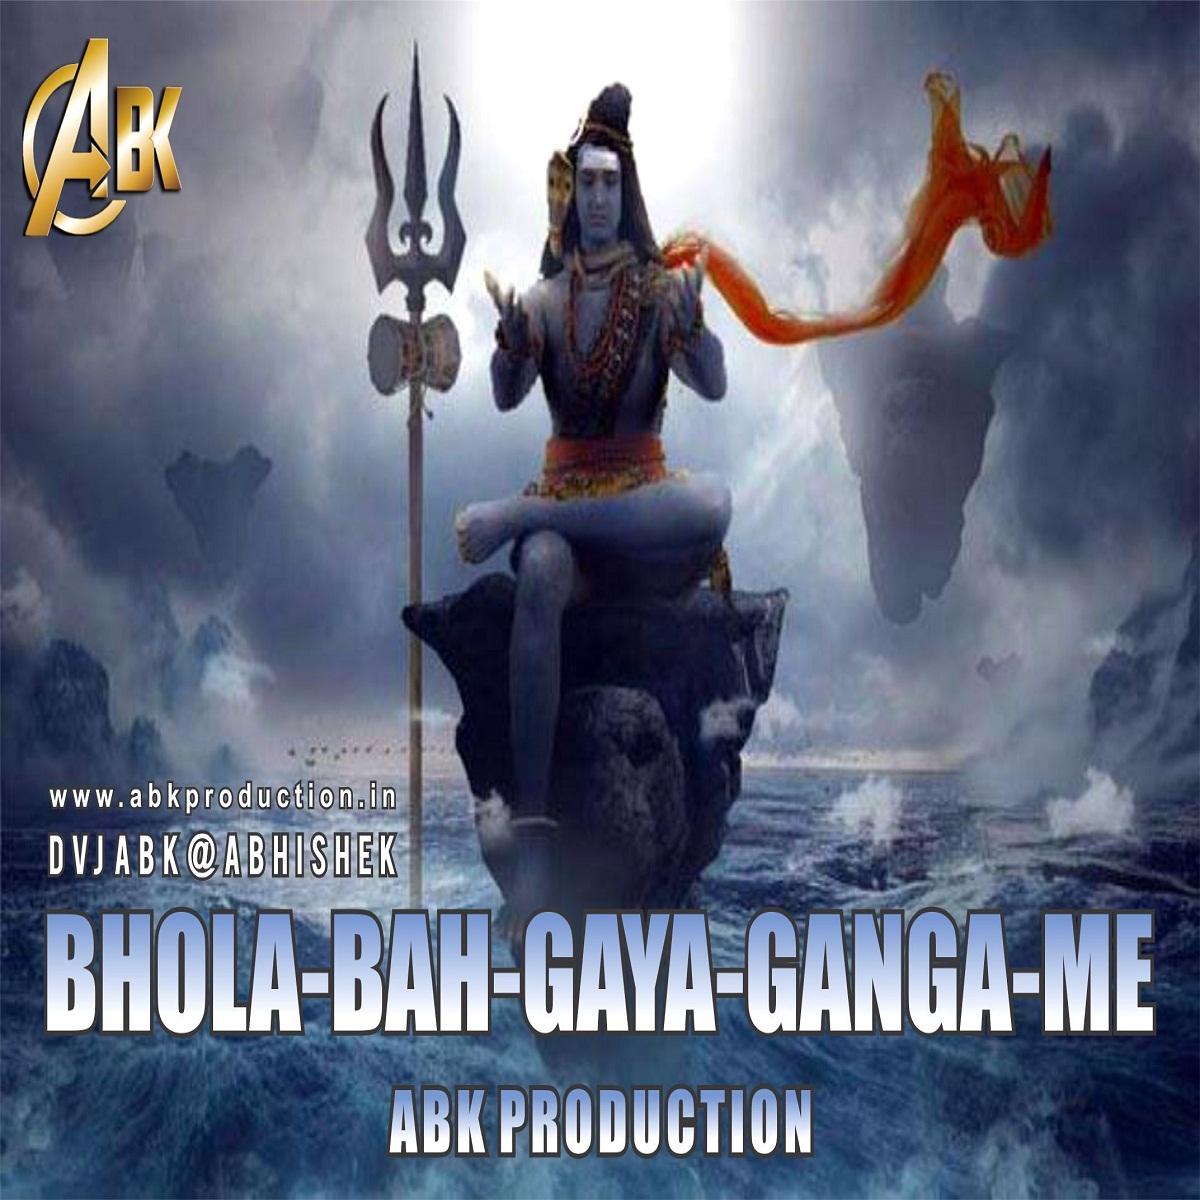 Download Sakhiyan: Bhola Bah Gaya Ganga Me